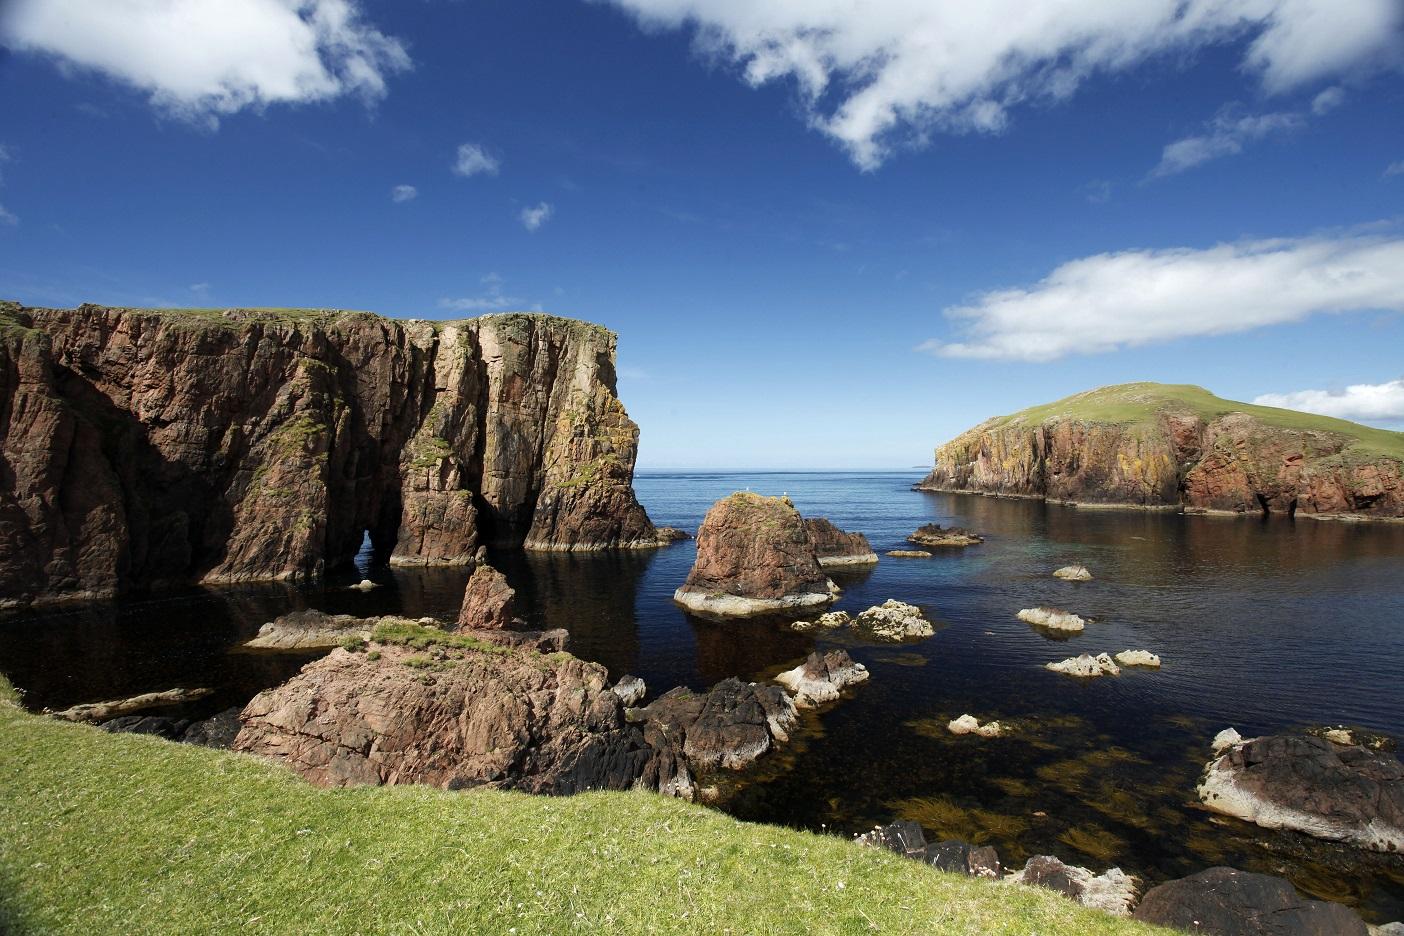 De ruige kustlijn van de Shetland Eilanden